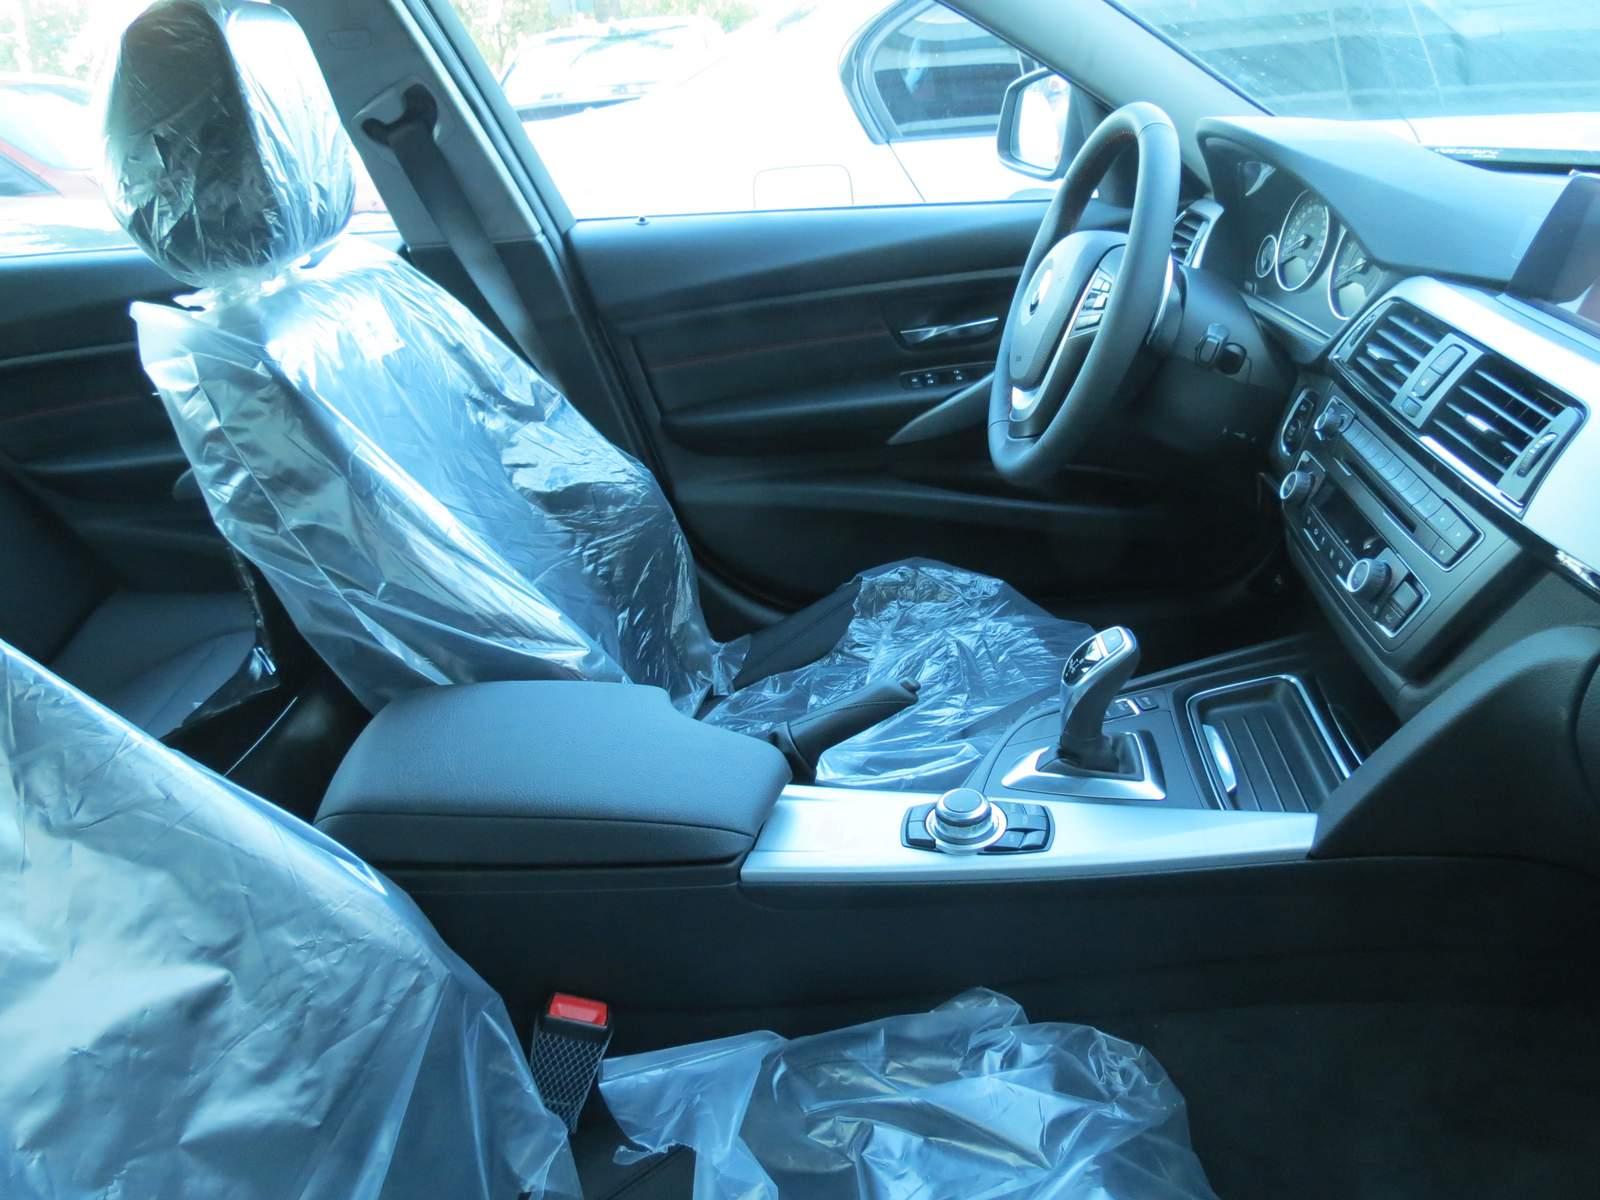 BMW Série 3 x Audi A4 x Mercedes Classe C - interior